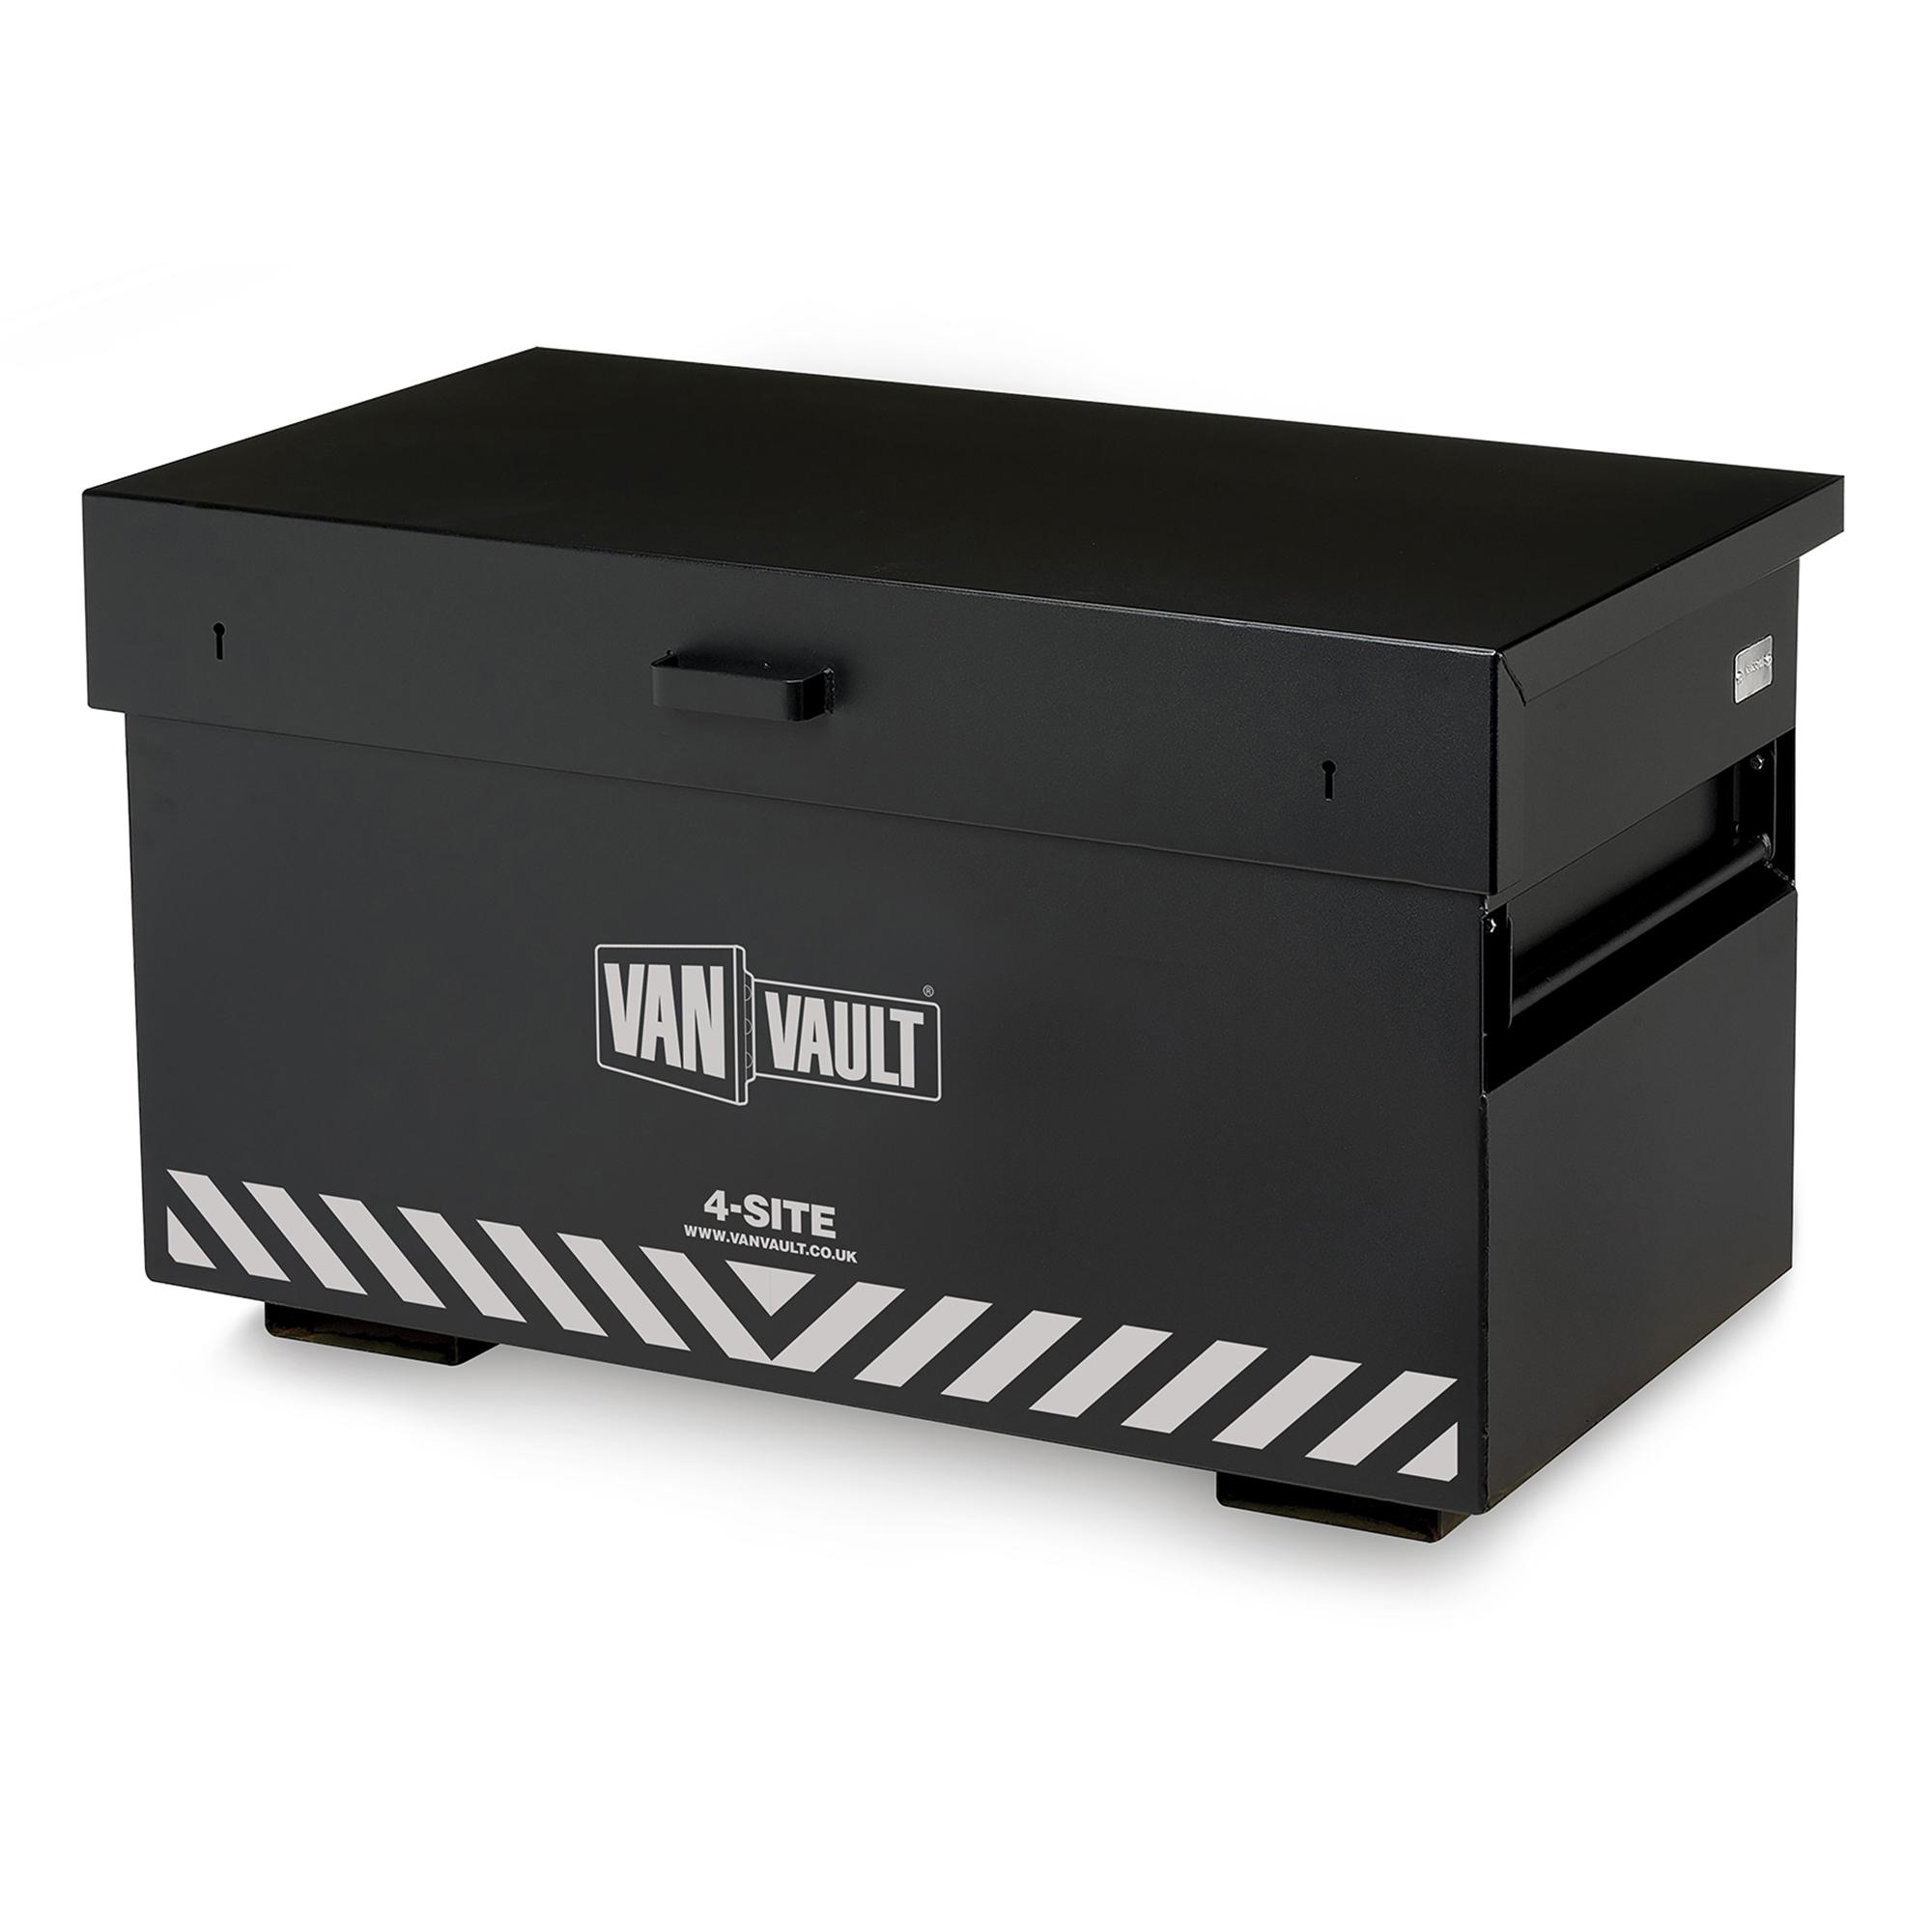 Vans vault online shop